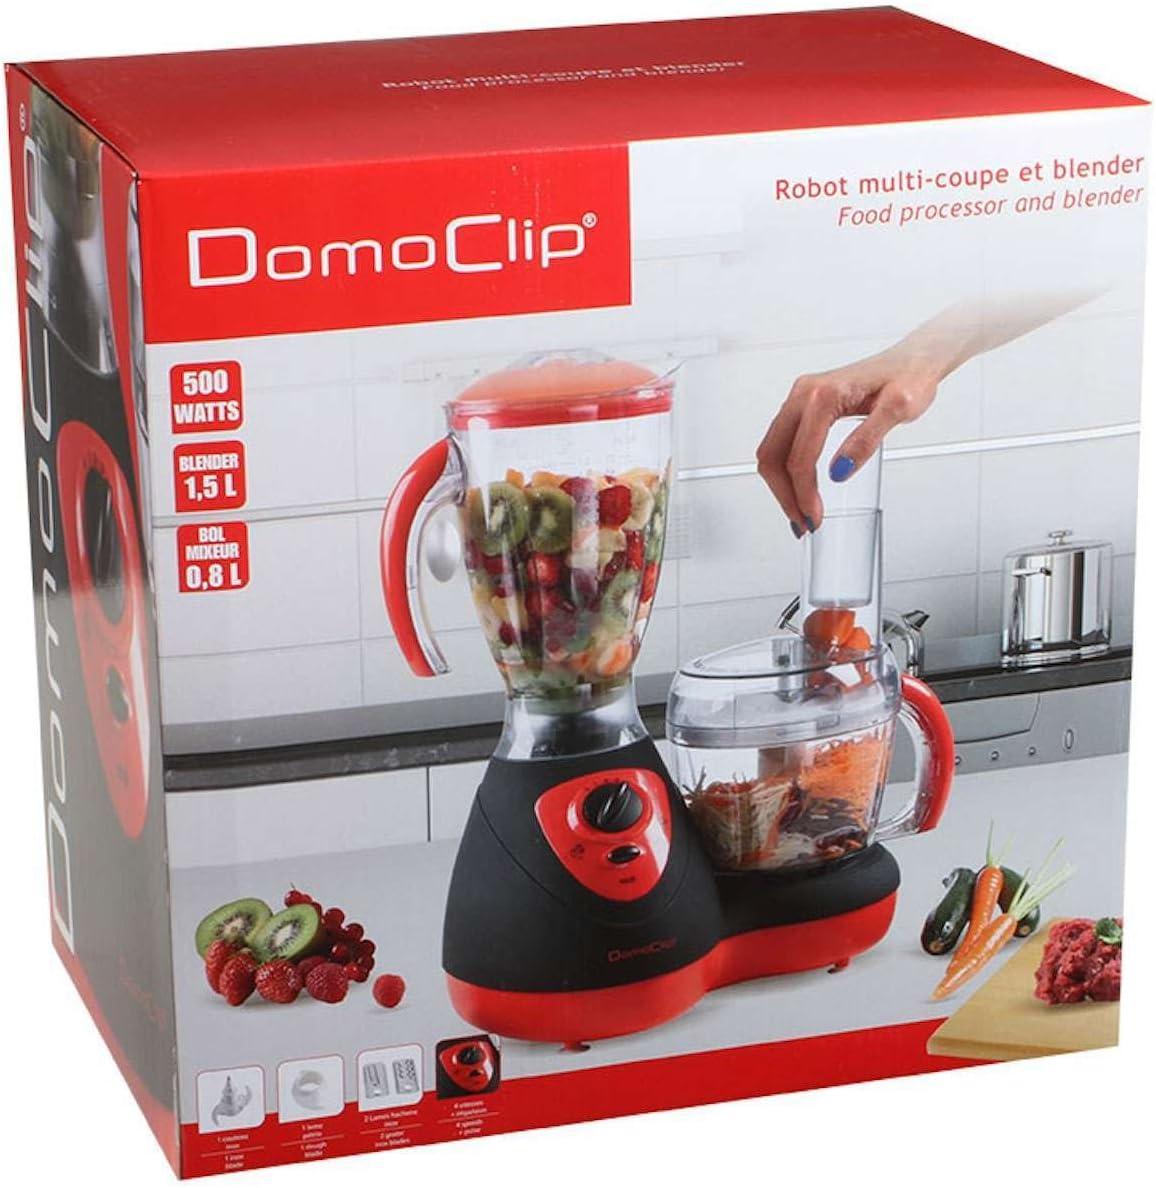 HSN – Robot de cocina con batidora de 1,5 litros (recipiente para mezclar, 0,8 L, picadora, Smoothie maker, hojas de acero inoxidable): Amazon.es: Hogar